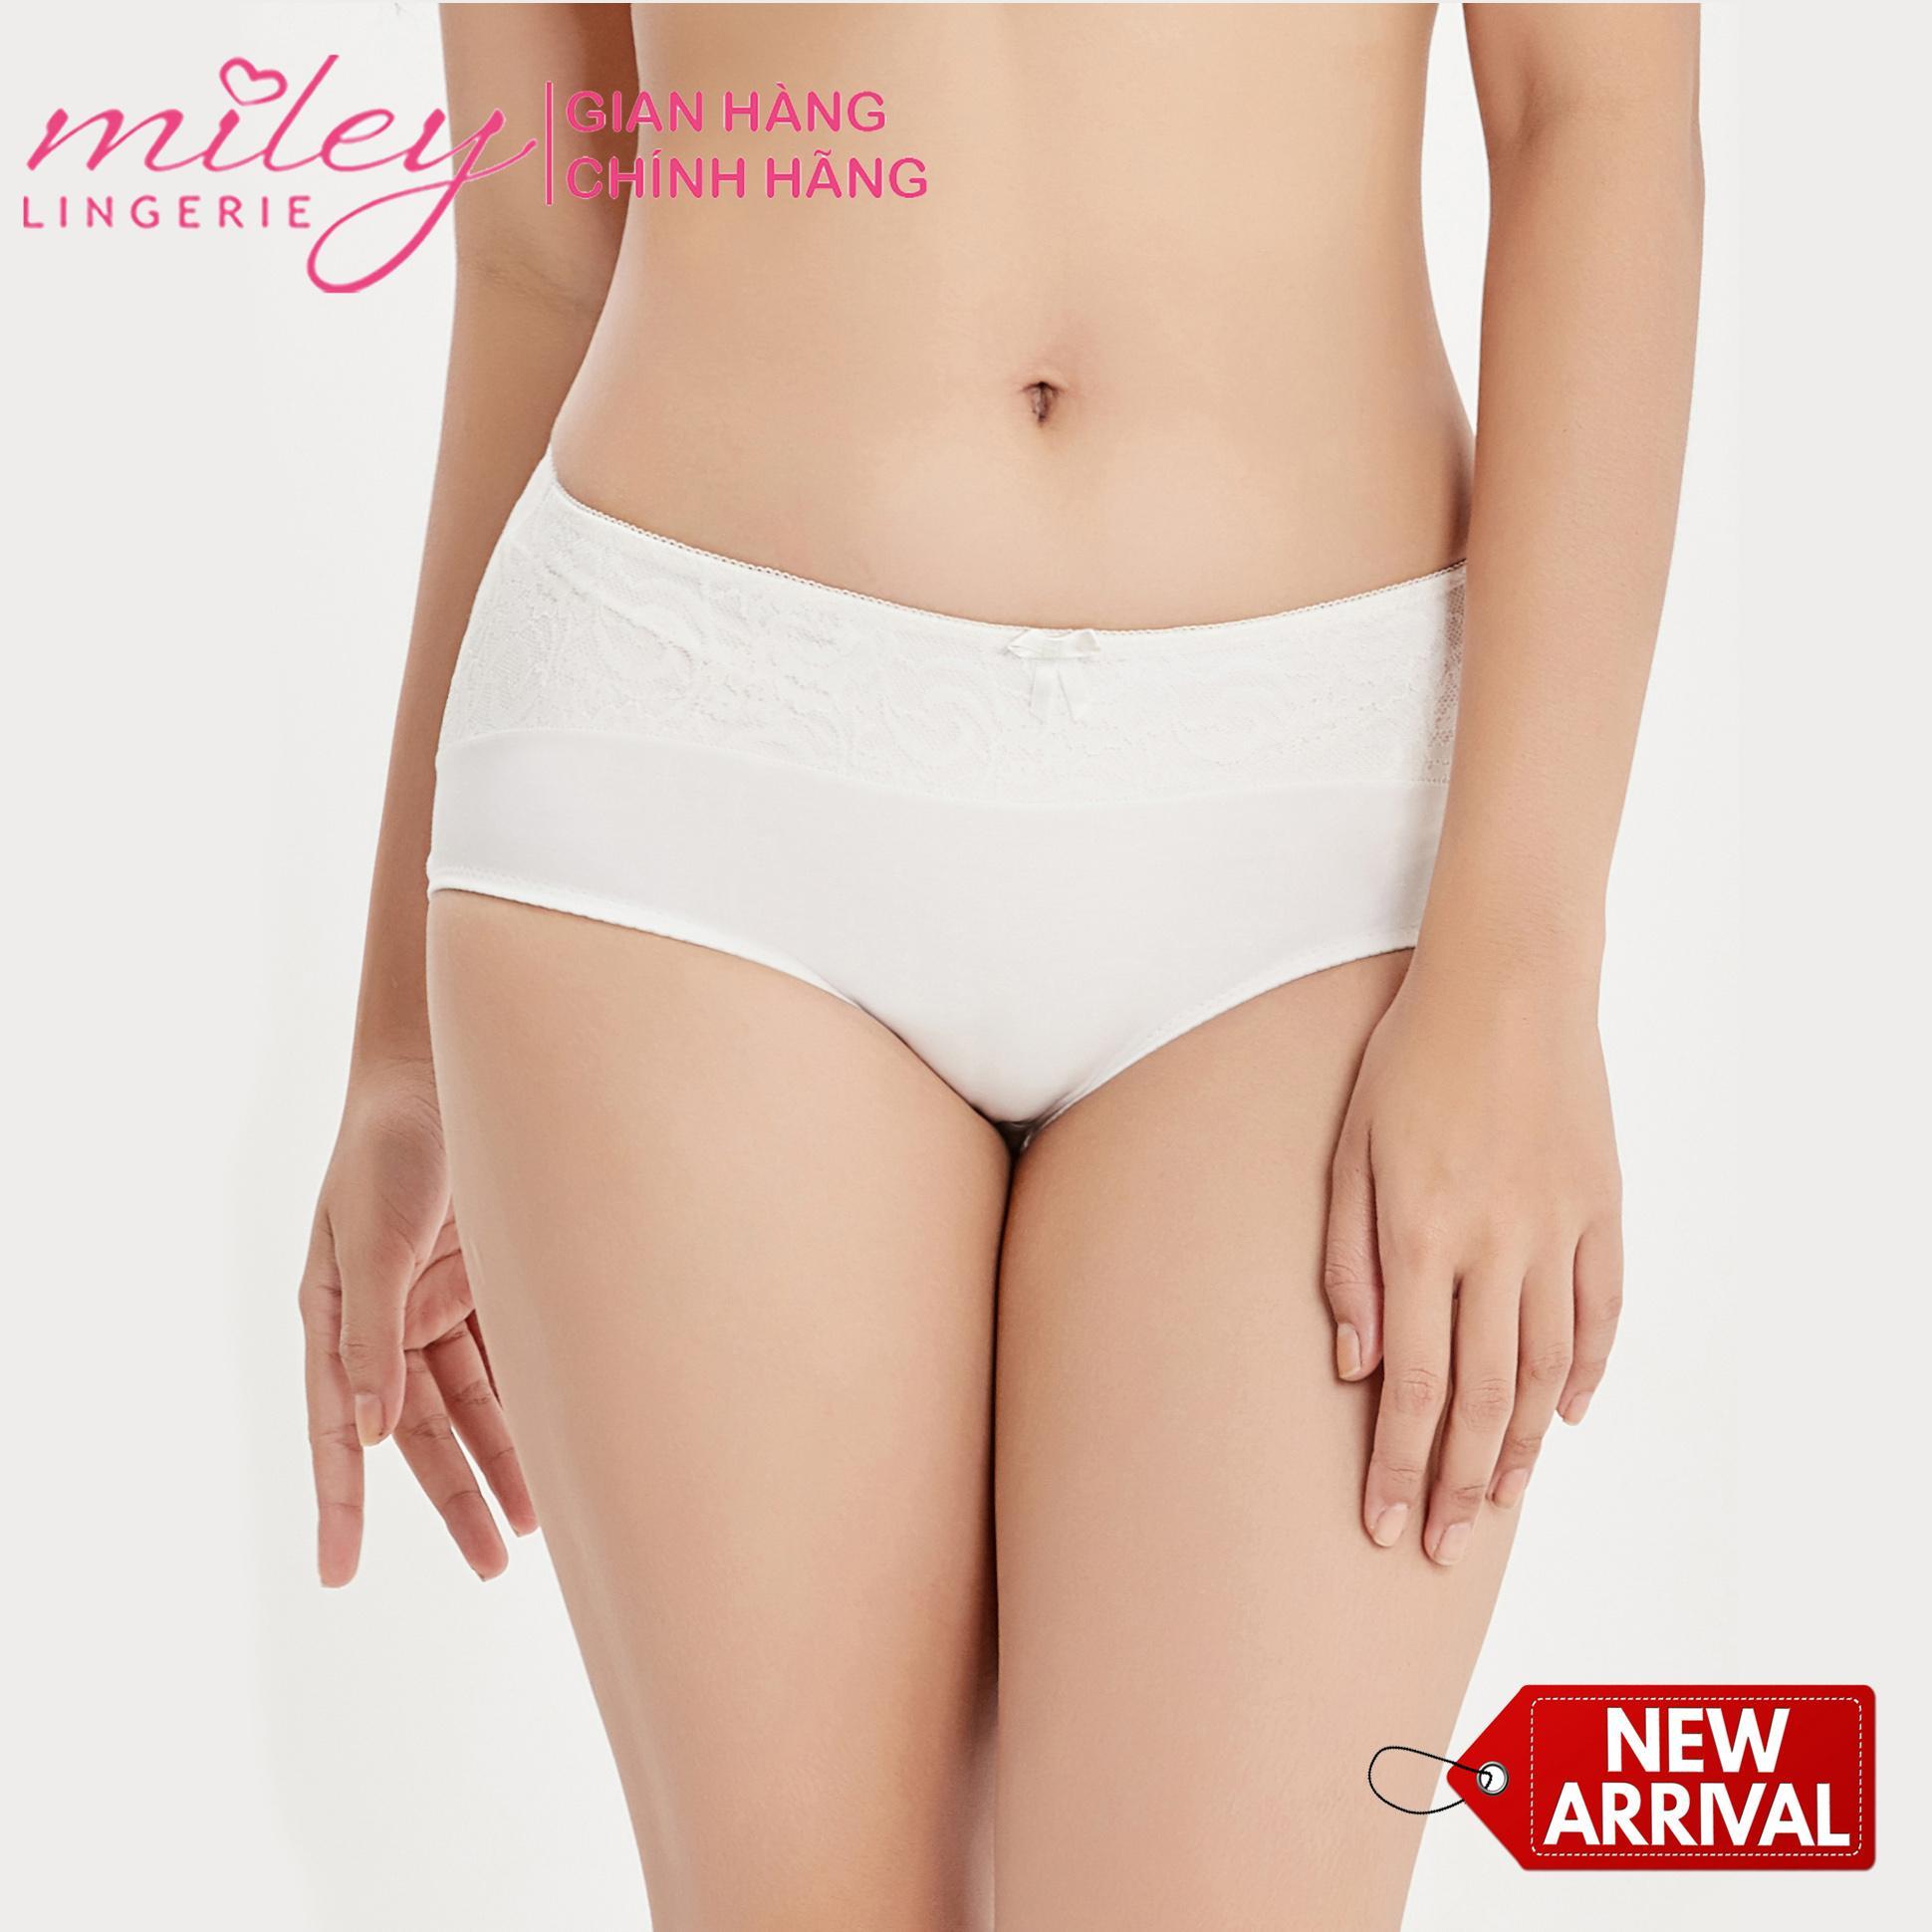 Quần Lót Cotton Lưng Cao Miley Lingerie FCM0201 Giảm Cực Khủng